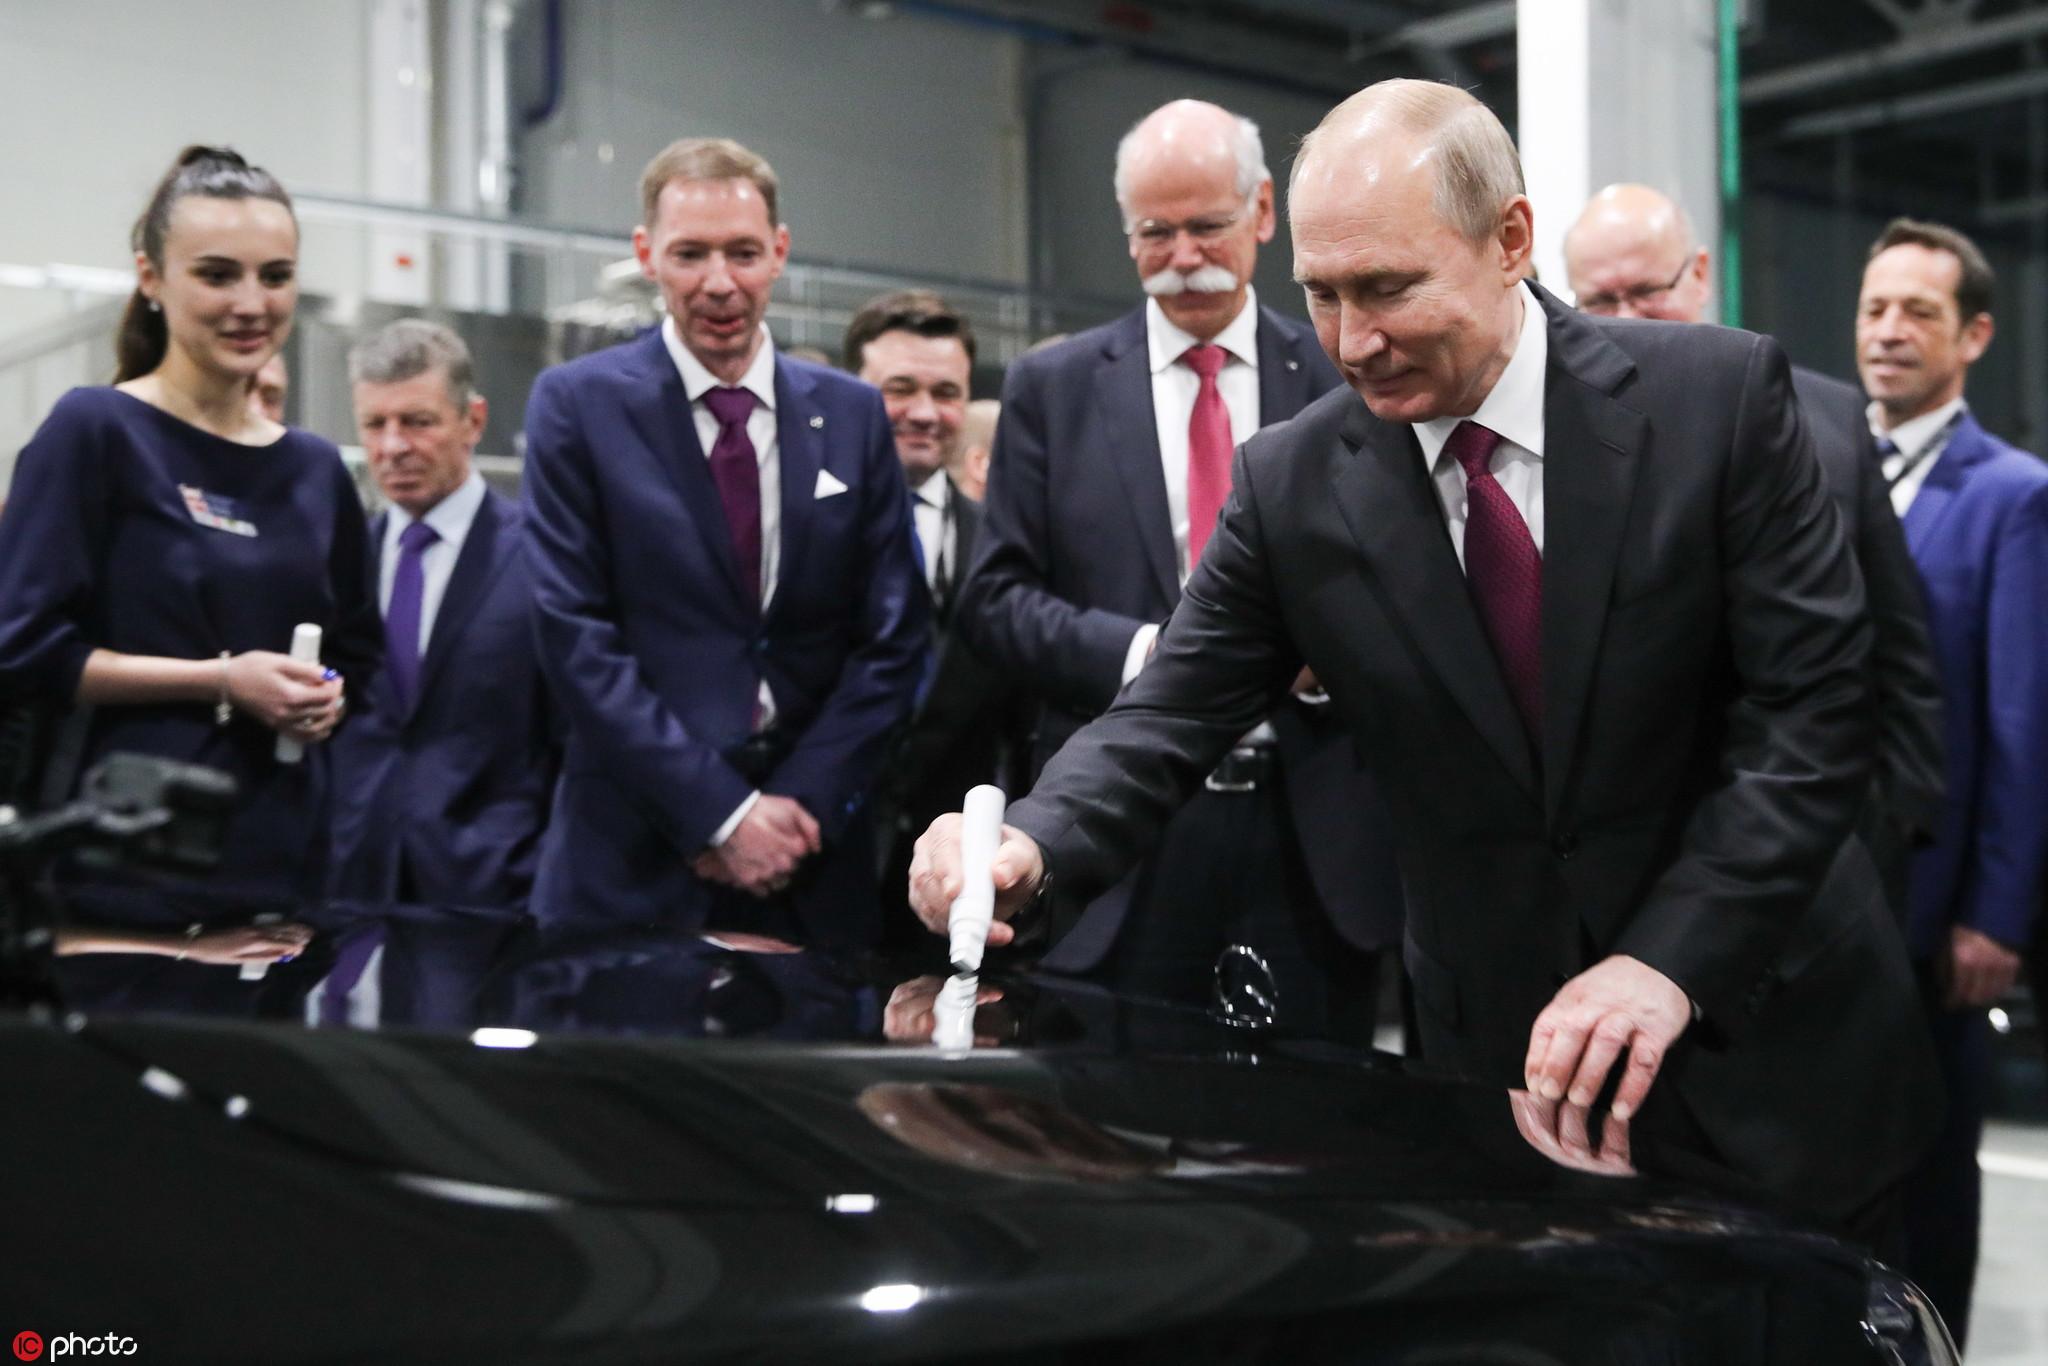 普京出席奔驰汽车新工厂投产仪式 在车盖上签名